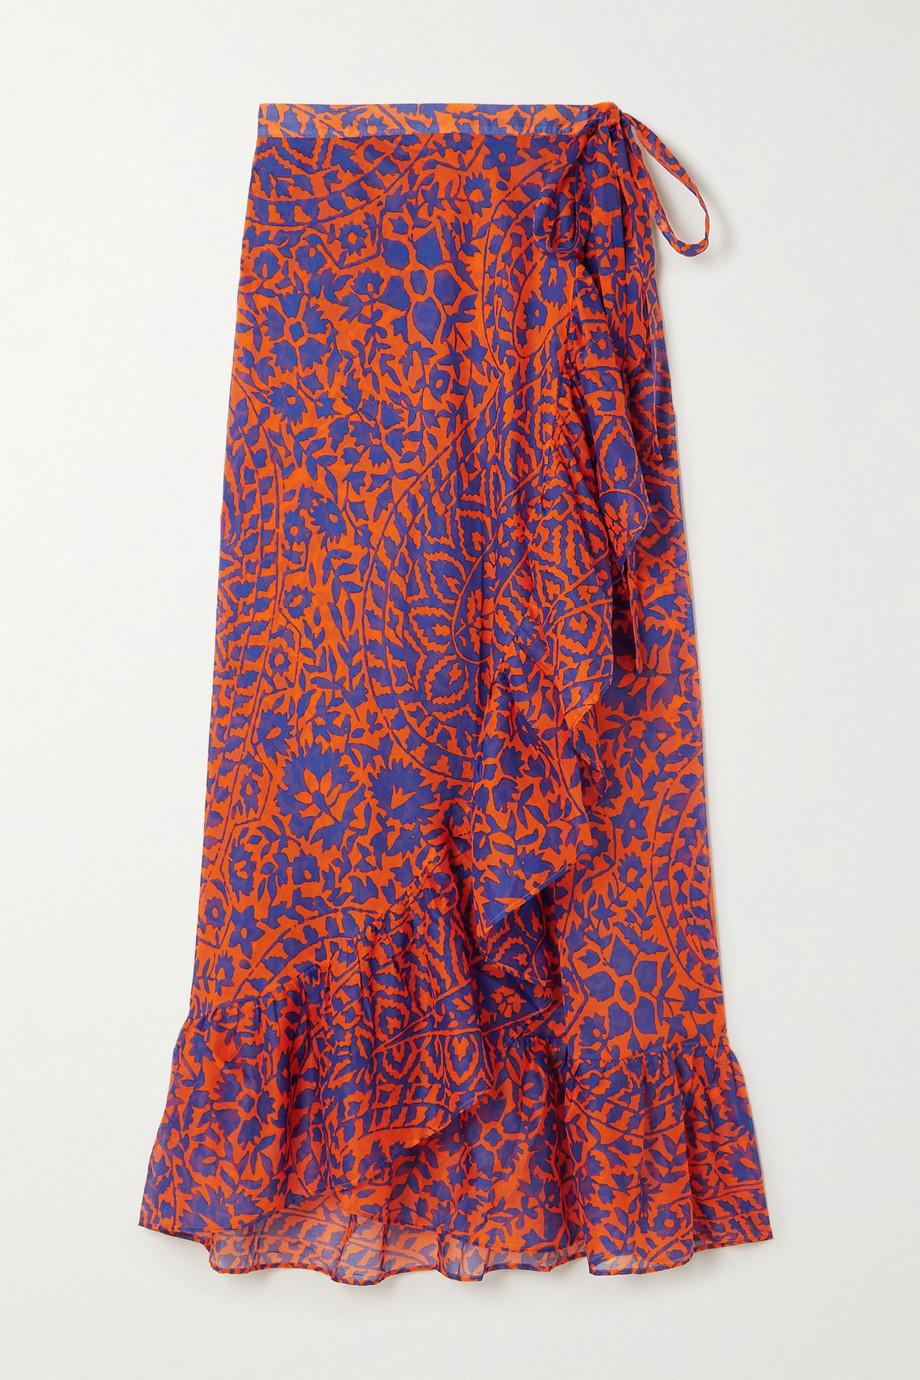 Eres Jaya Wickelrock aus bedrucktem Baumwoll-Voile mit Rüschen